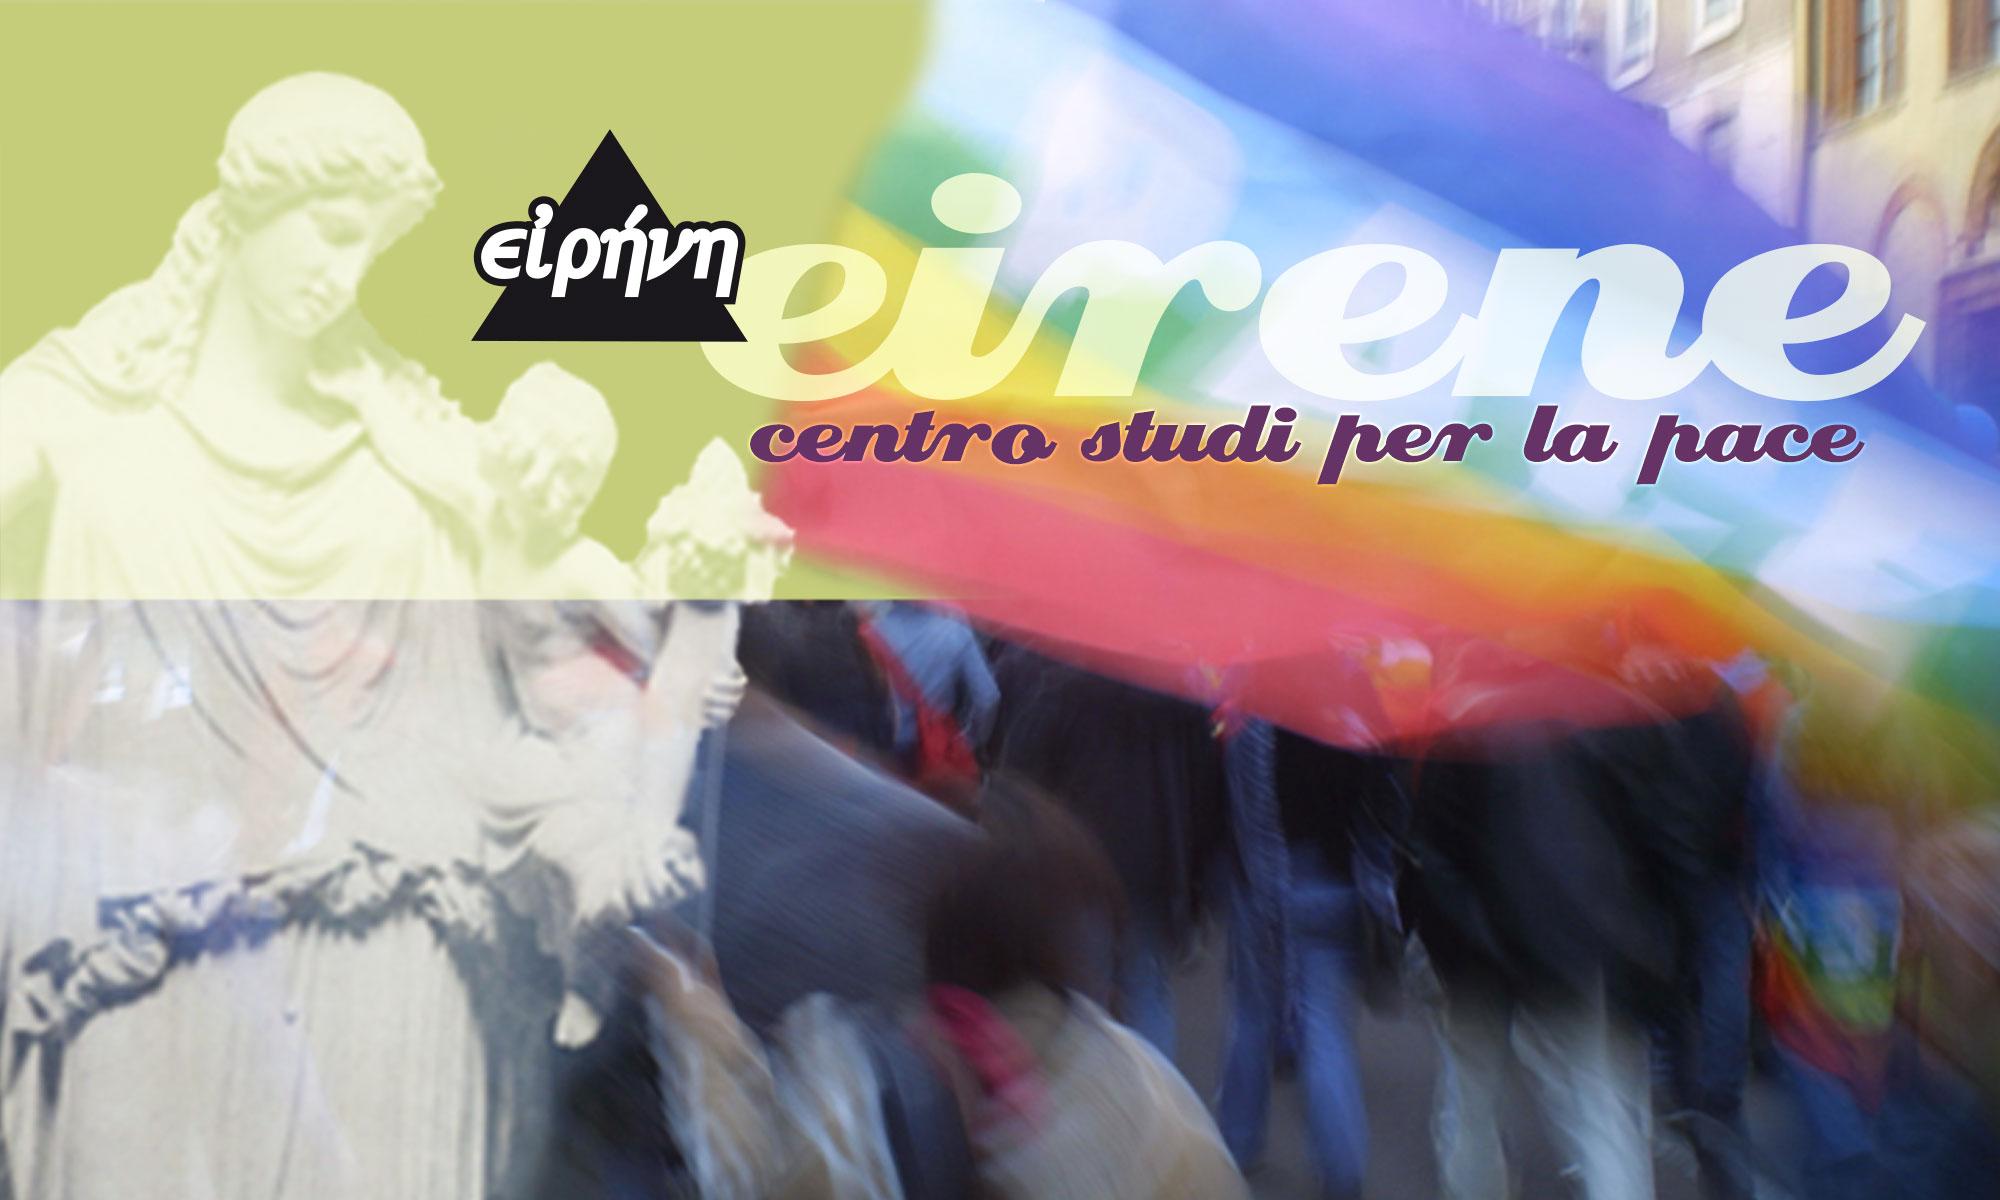 EIRENE Centro studi per la pace